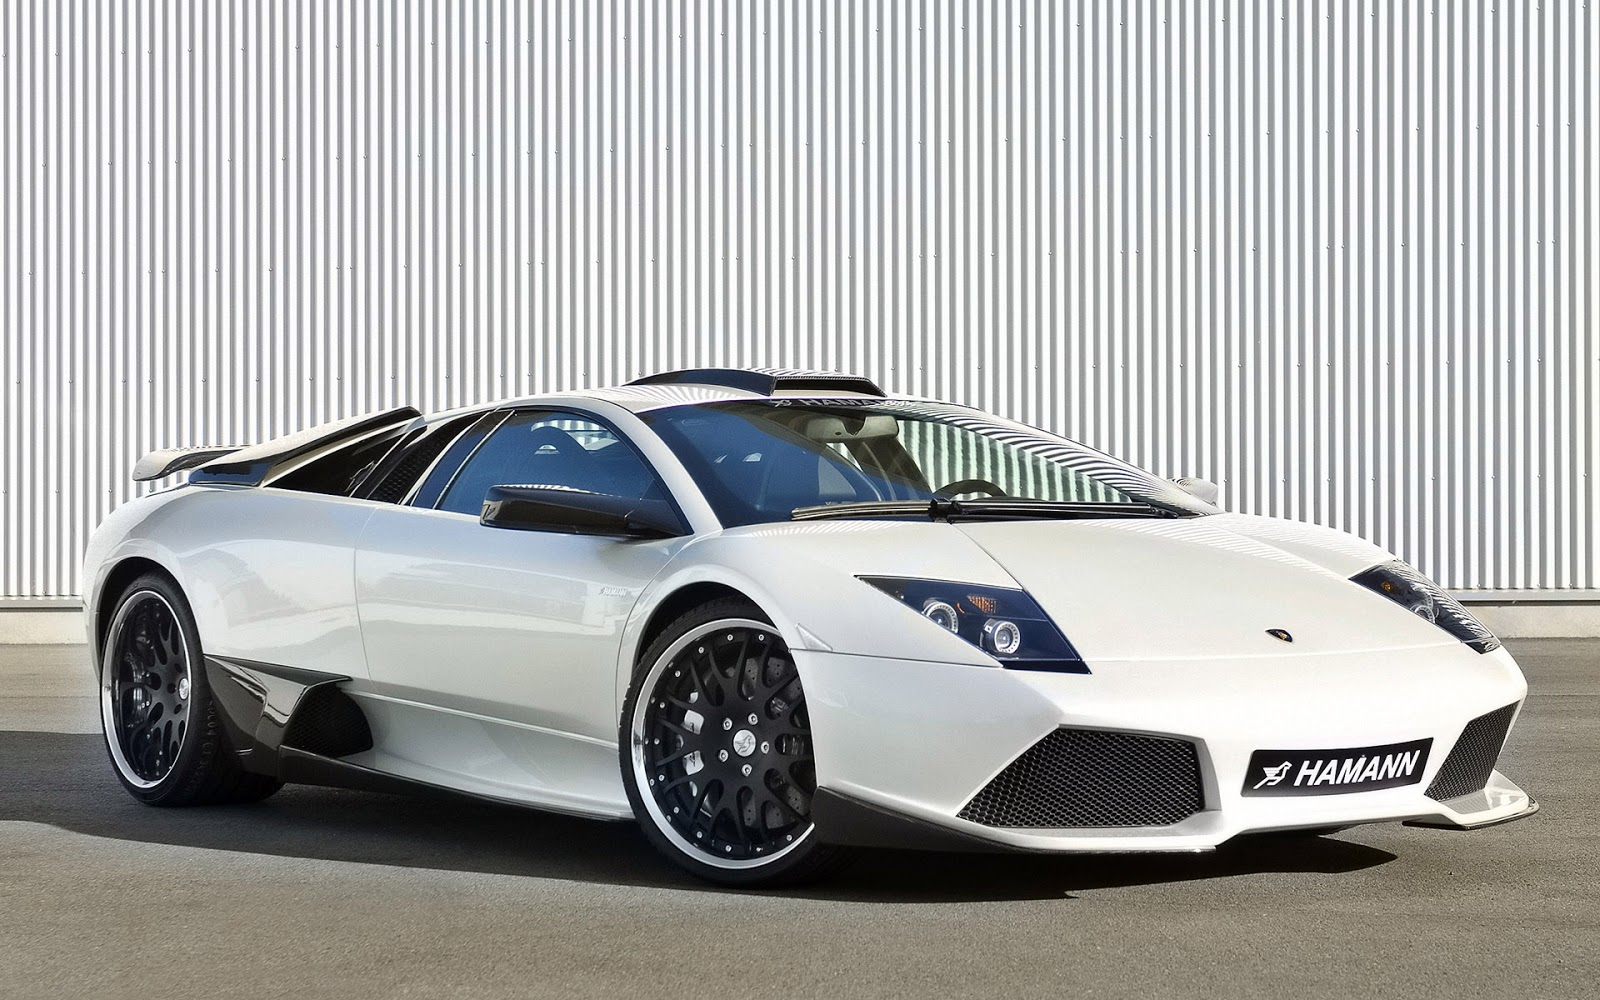 Hamann Lamborghini Wallpaper HD